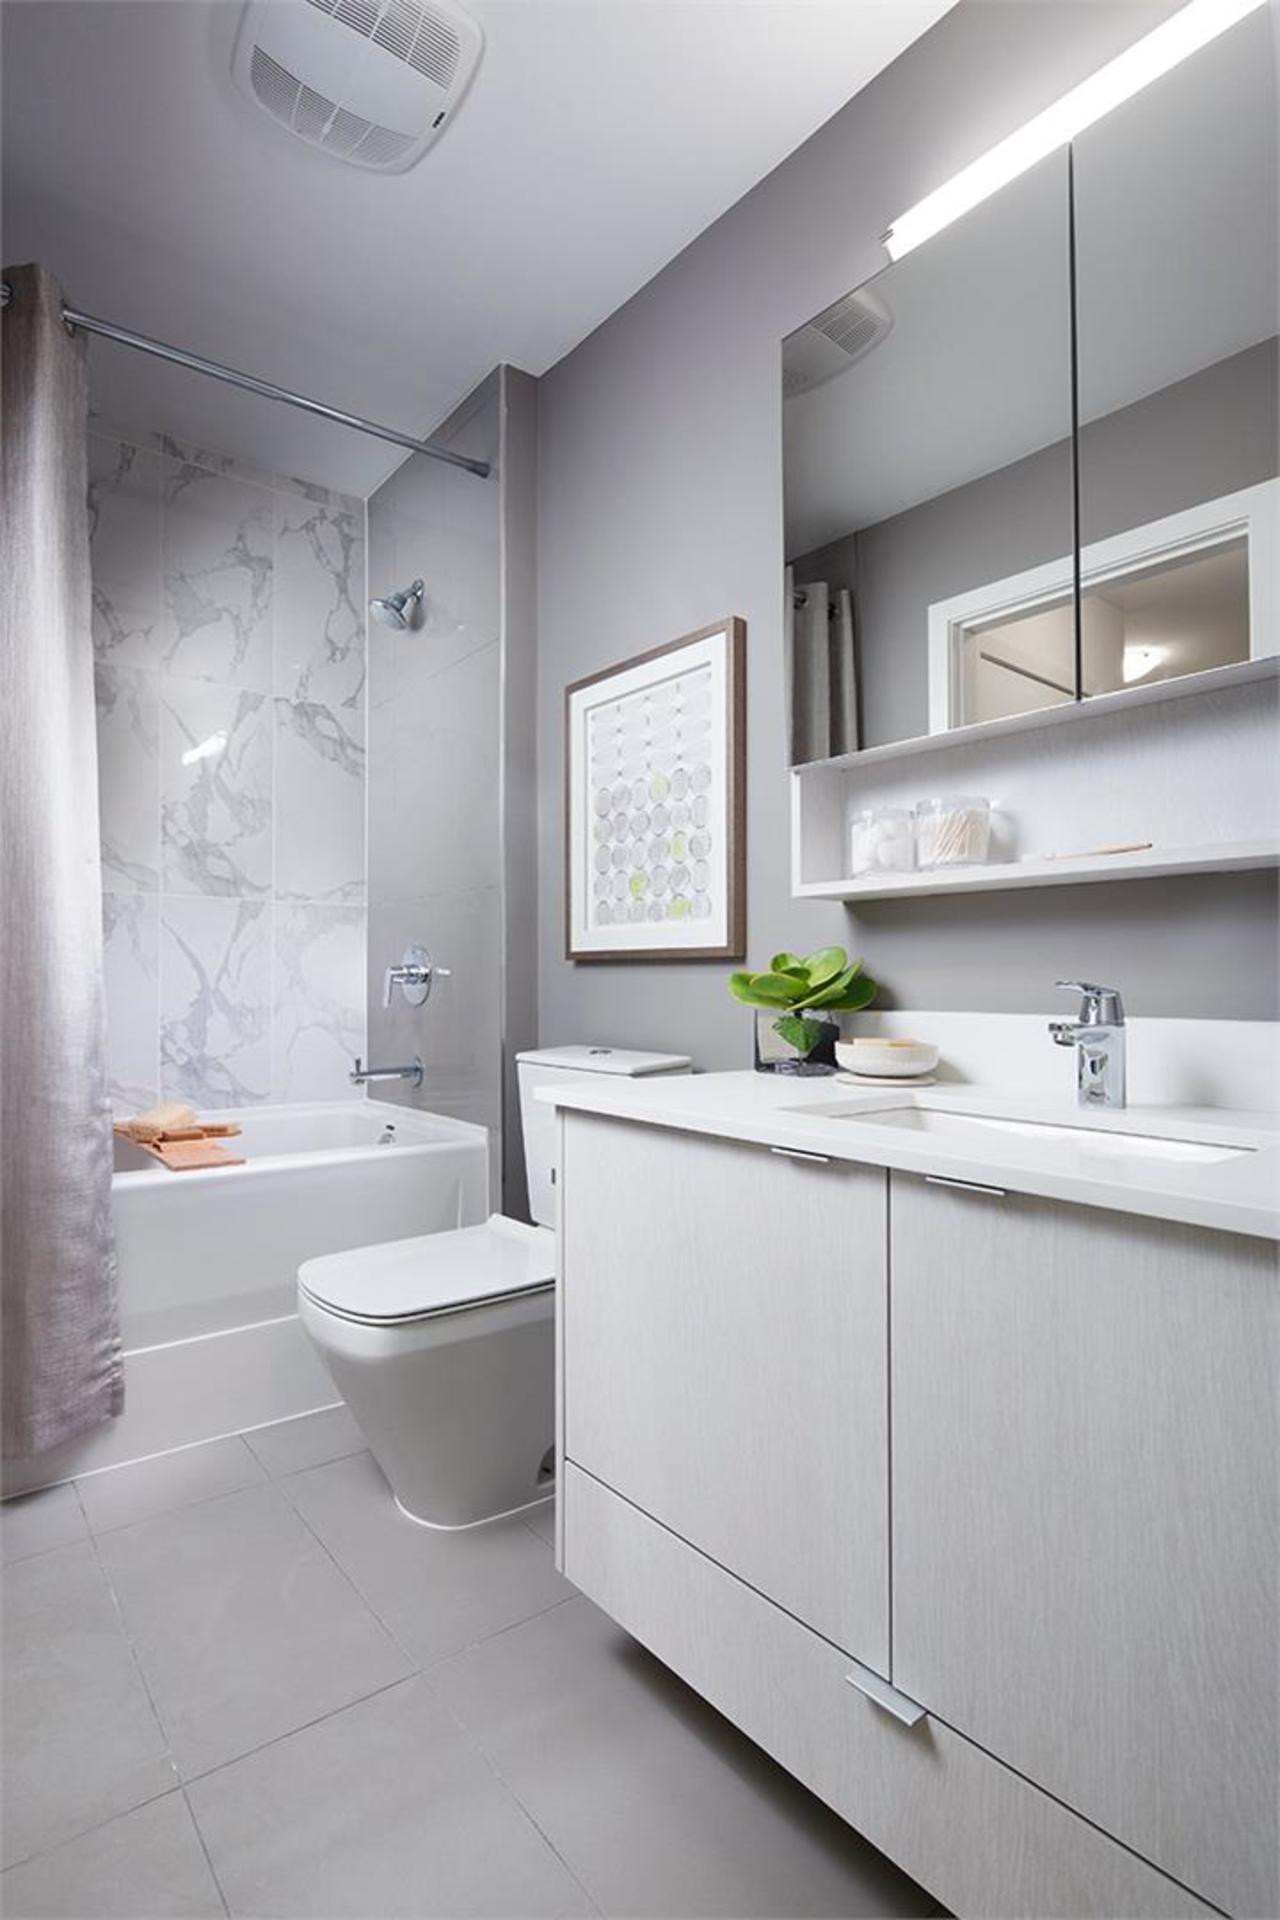 Bathroom design concept for Simon2 by Otivo.